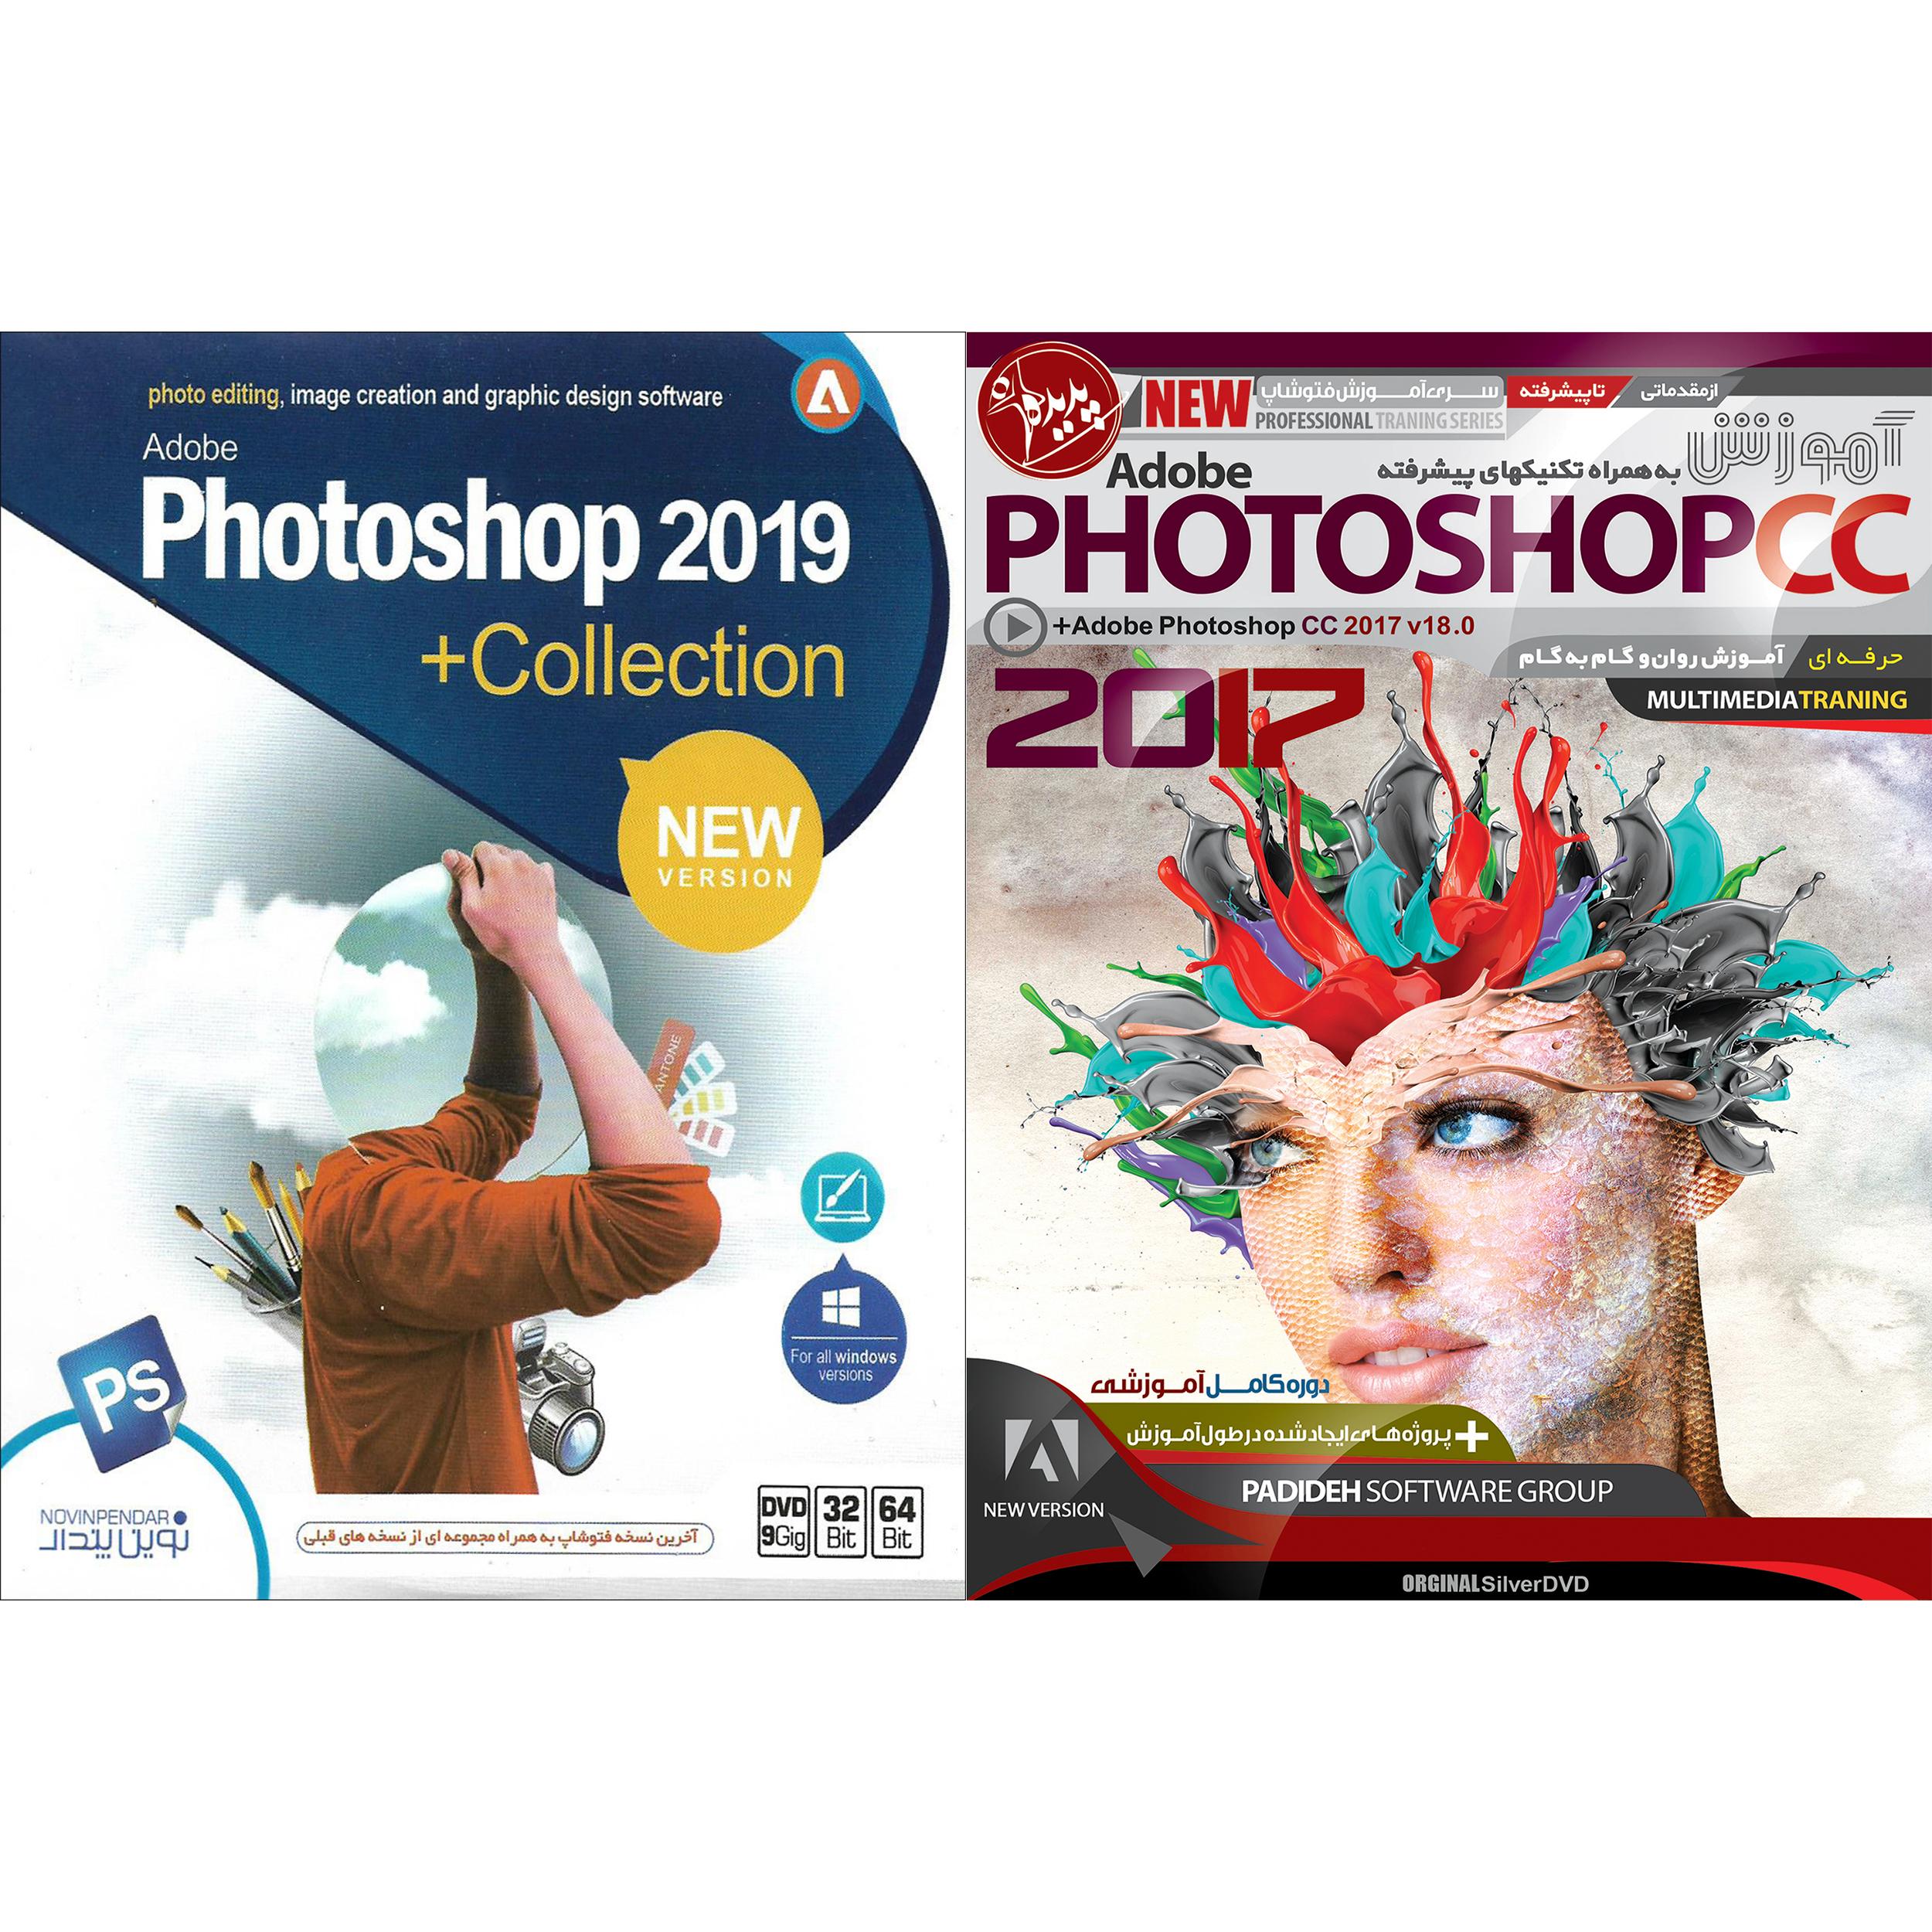 نرم افزار آموزش  PHOTOSHOP CC نشر پدیده به همراه نرم افزار PHOTOSHOP 2019 نشر نوین پندار